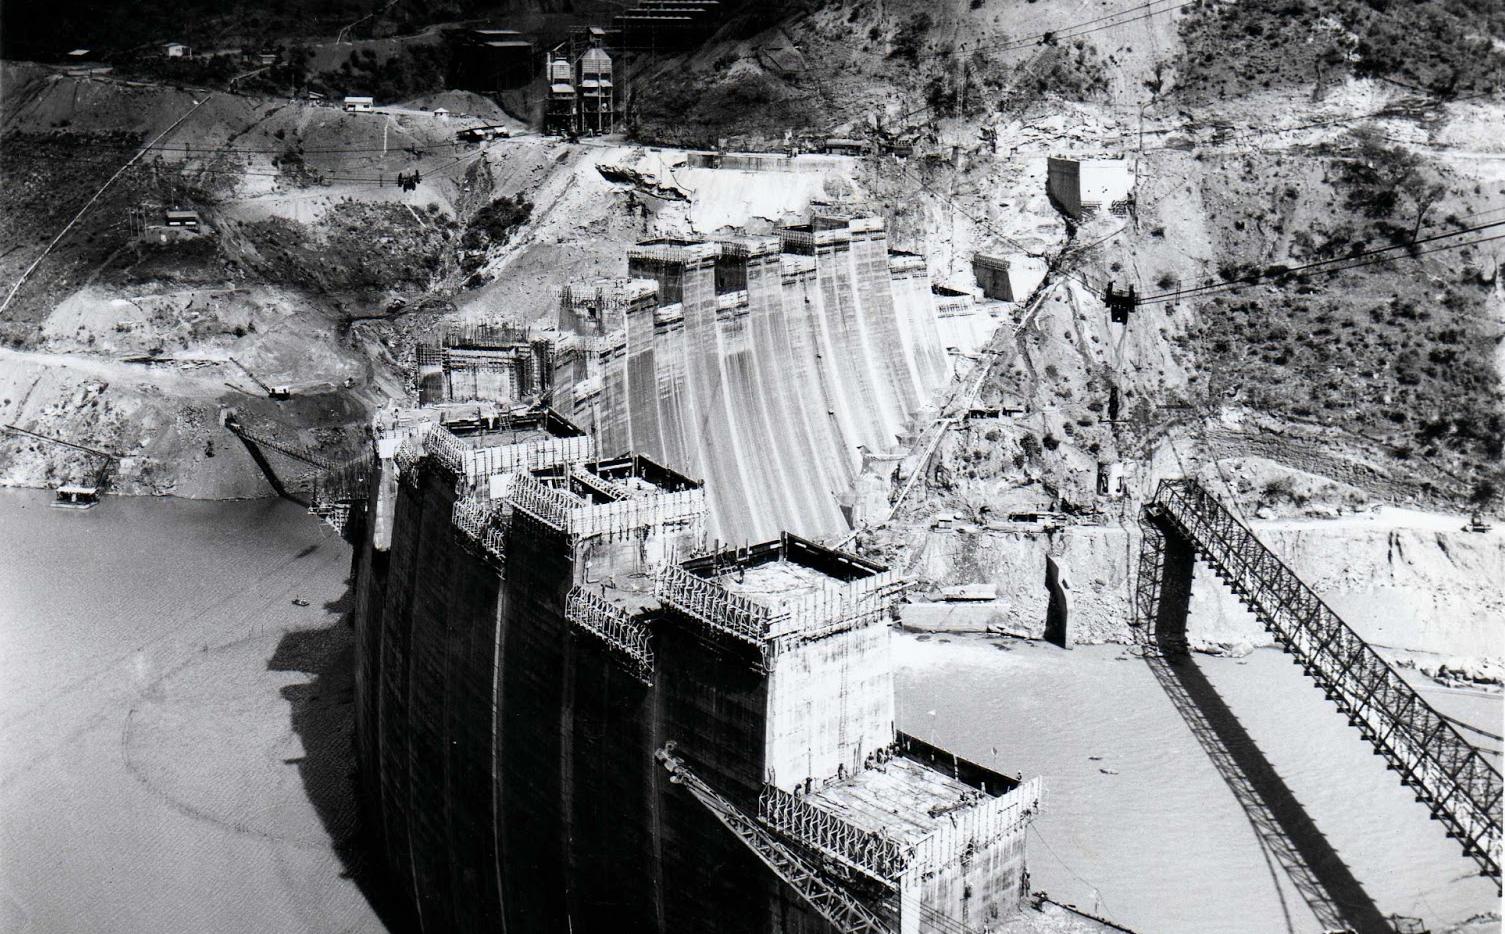 Construction of the Kariba dam wall - 1958